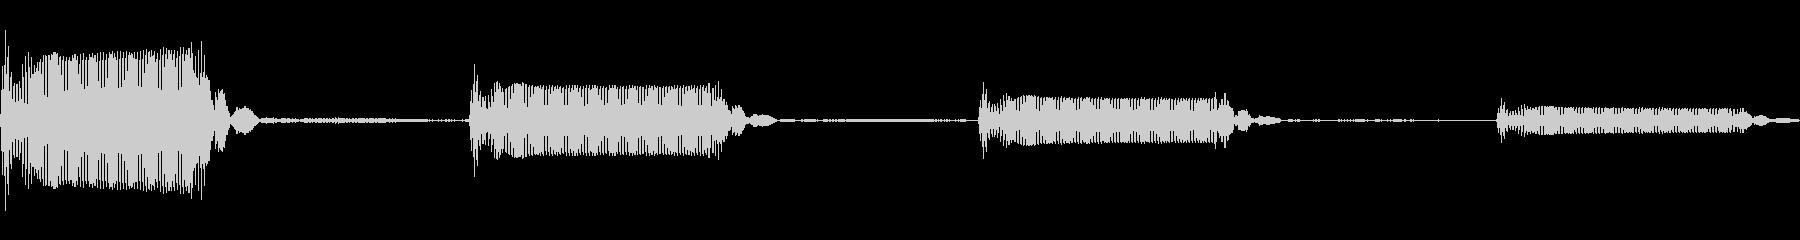 ゲーム用:選択音「ピッ」の未再生の波形